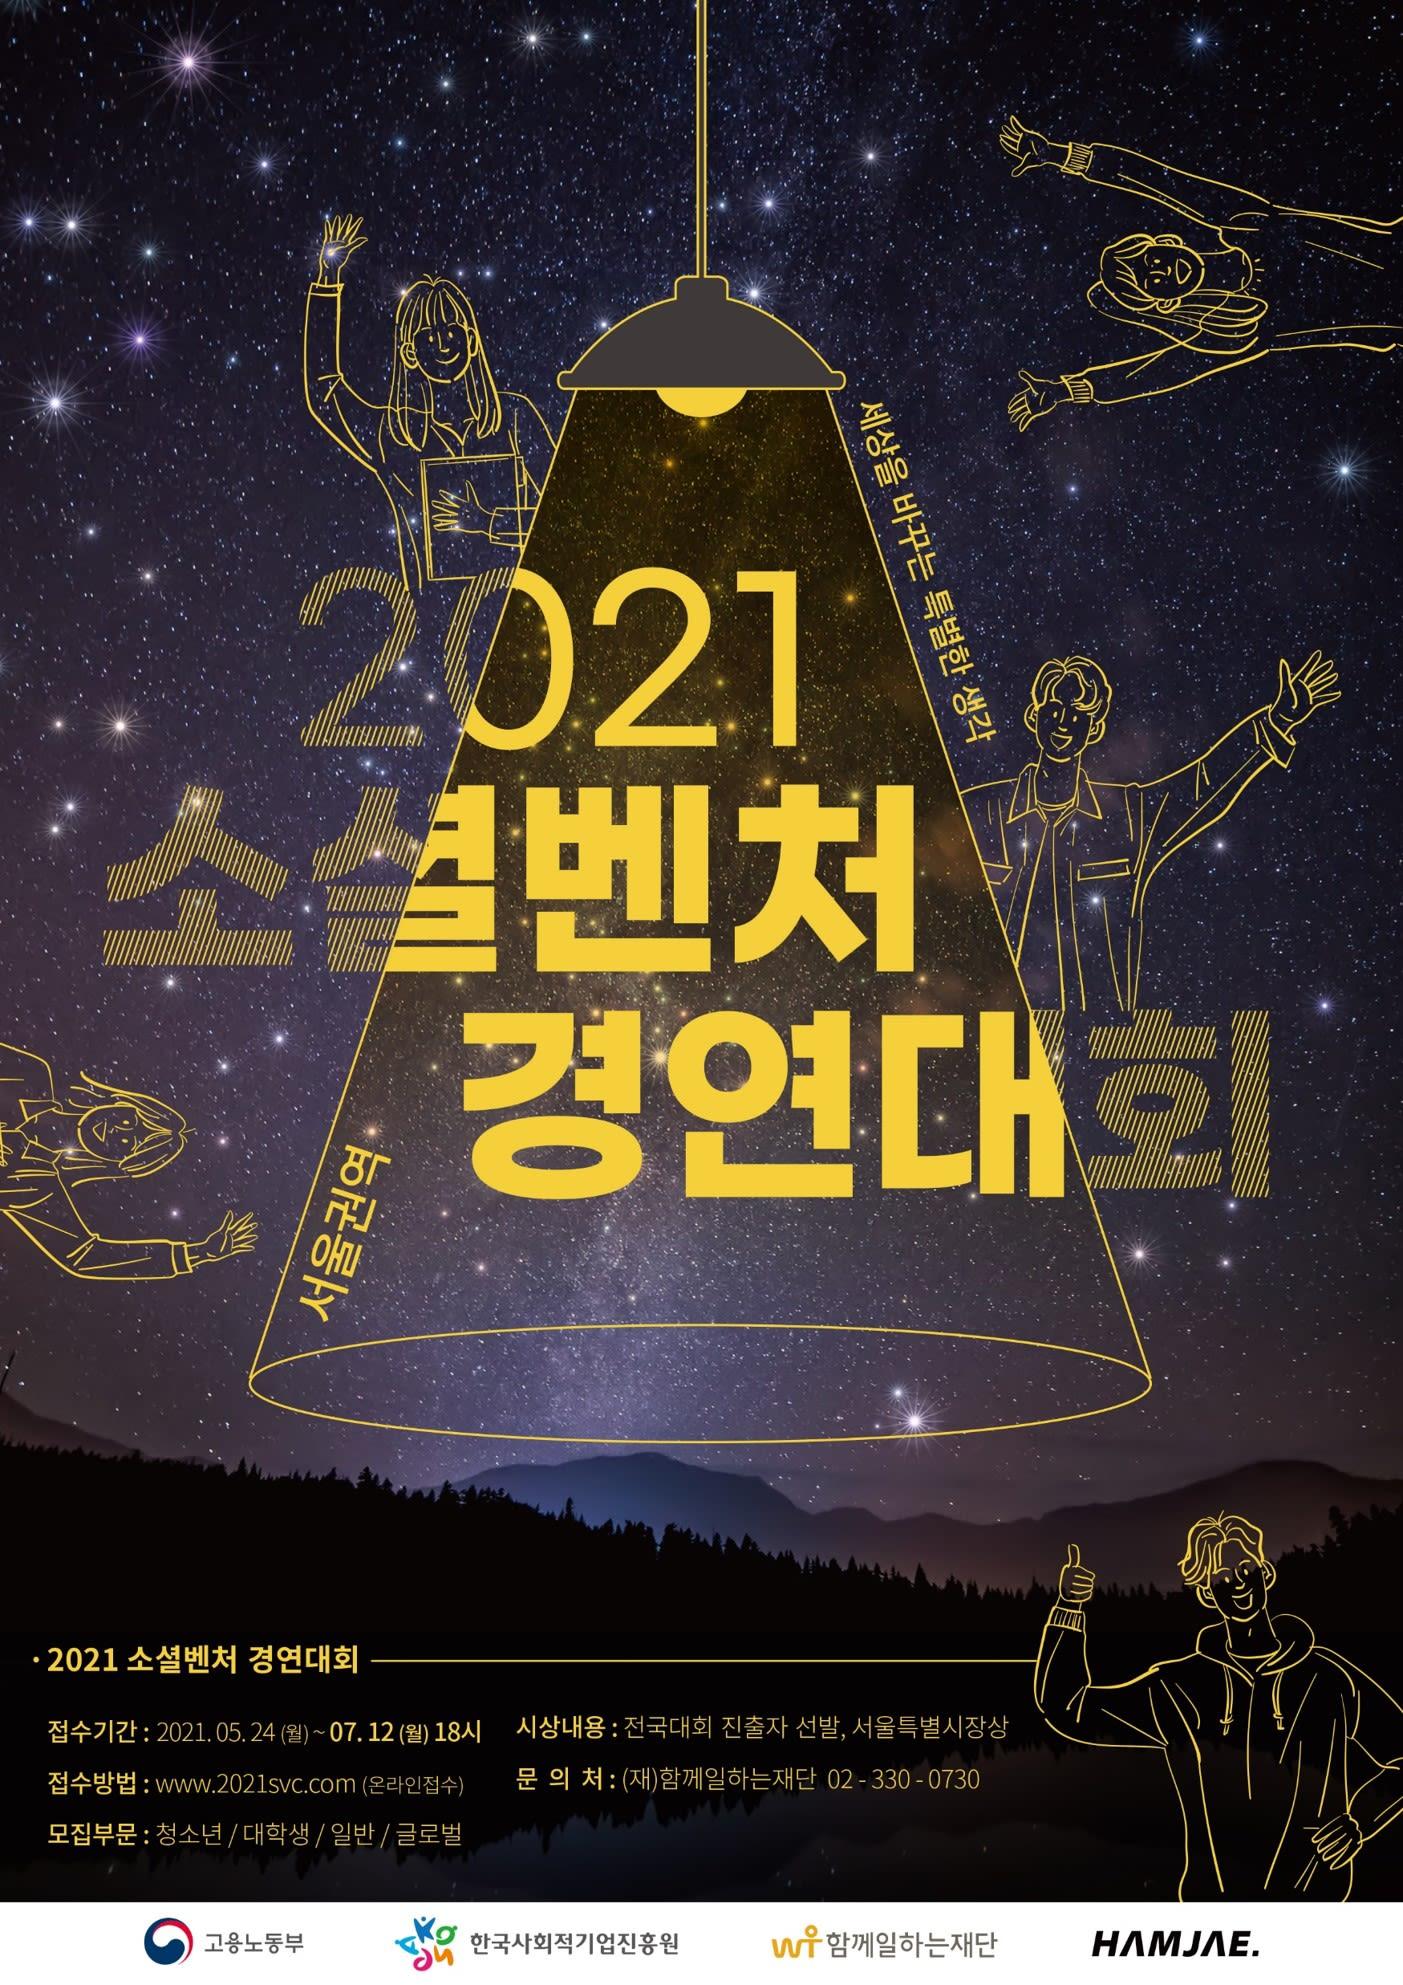 2021소셜벤처경연대회 서울권역